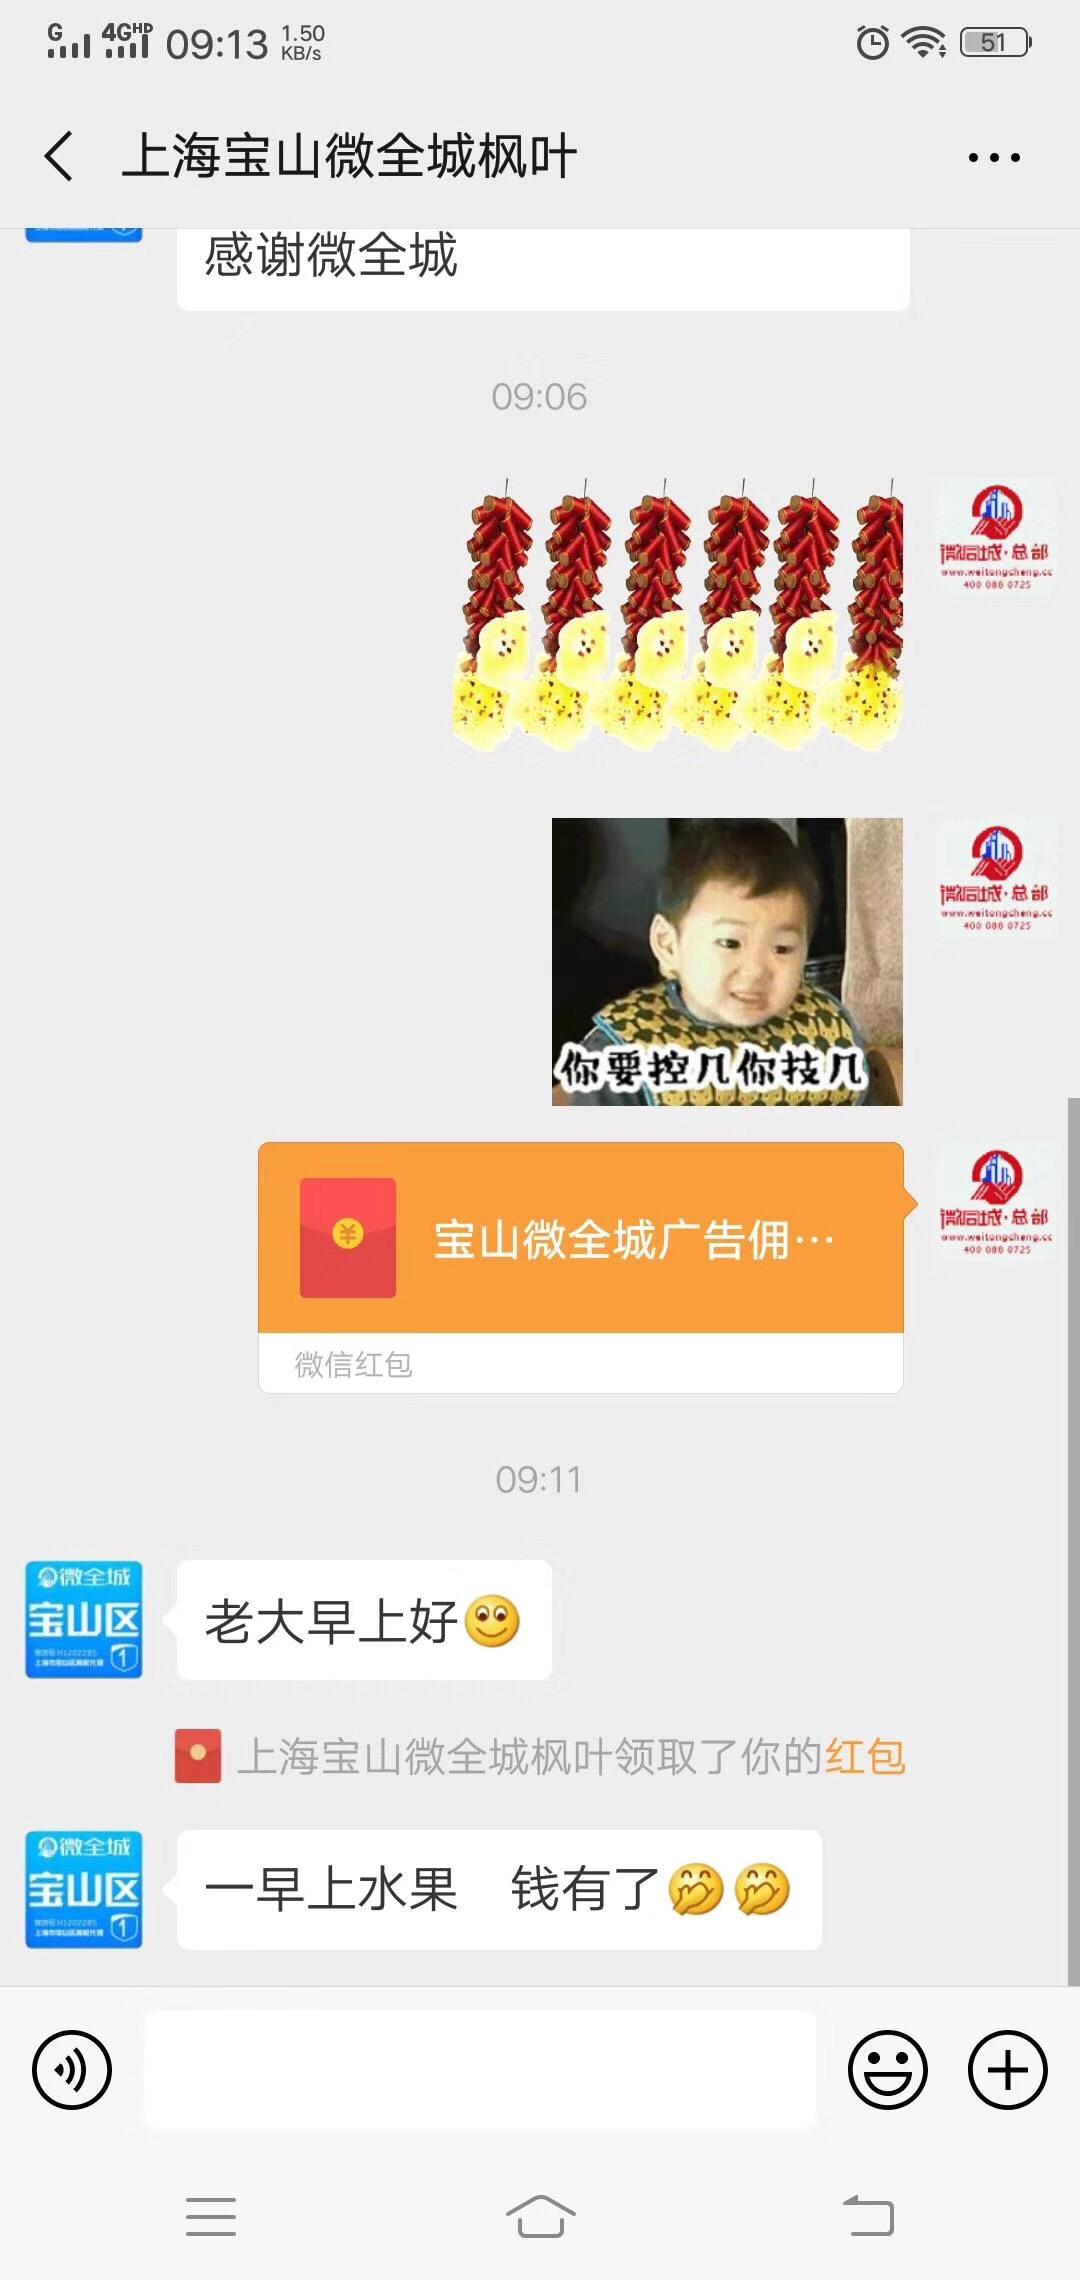 上海宝山区微全城微帮一站广告佣金